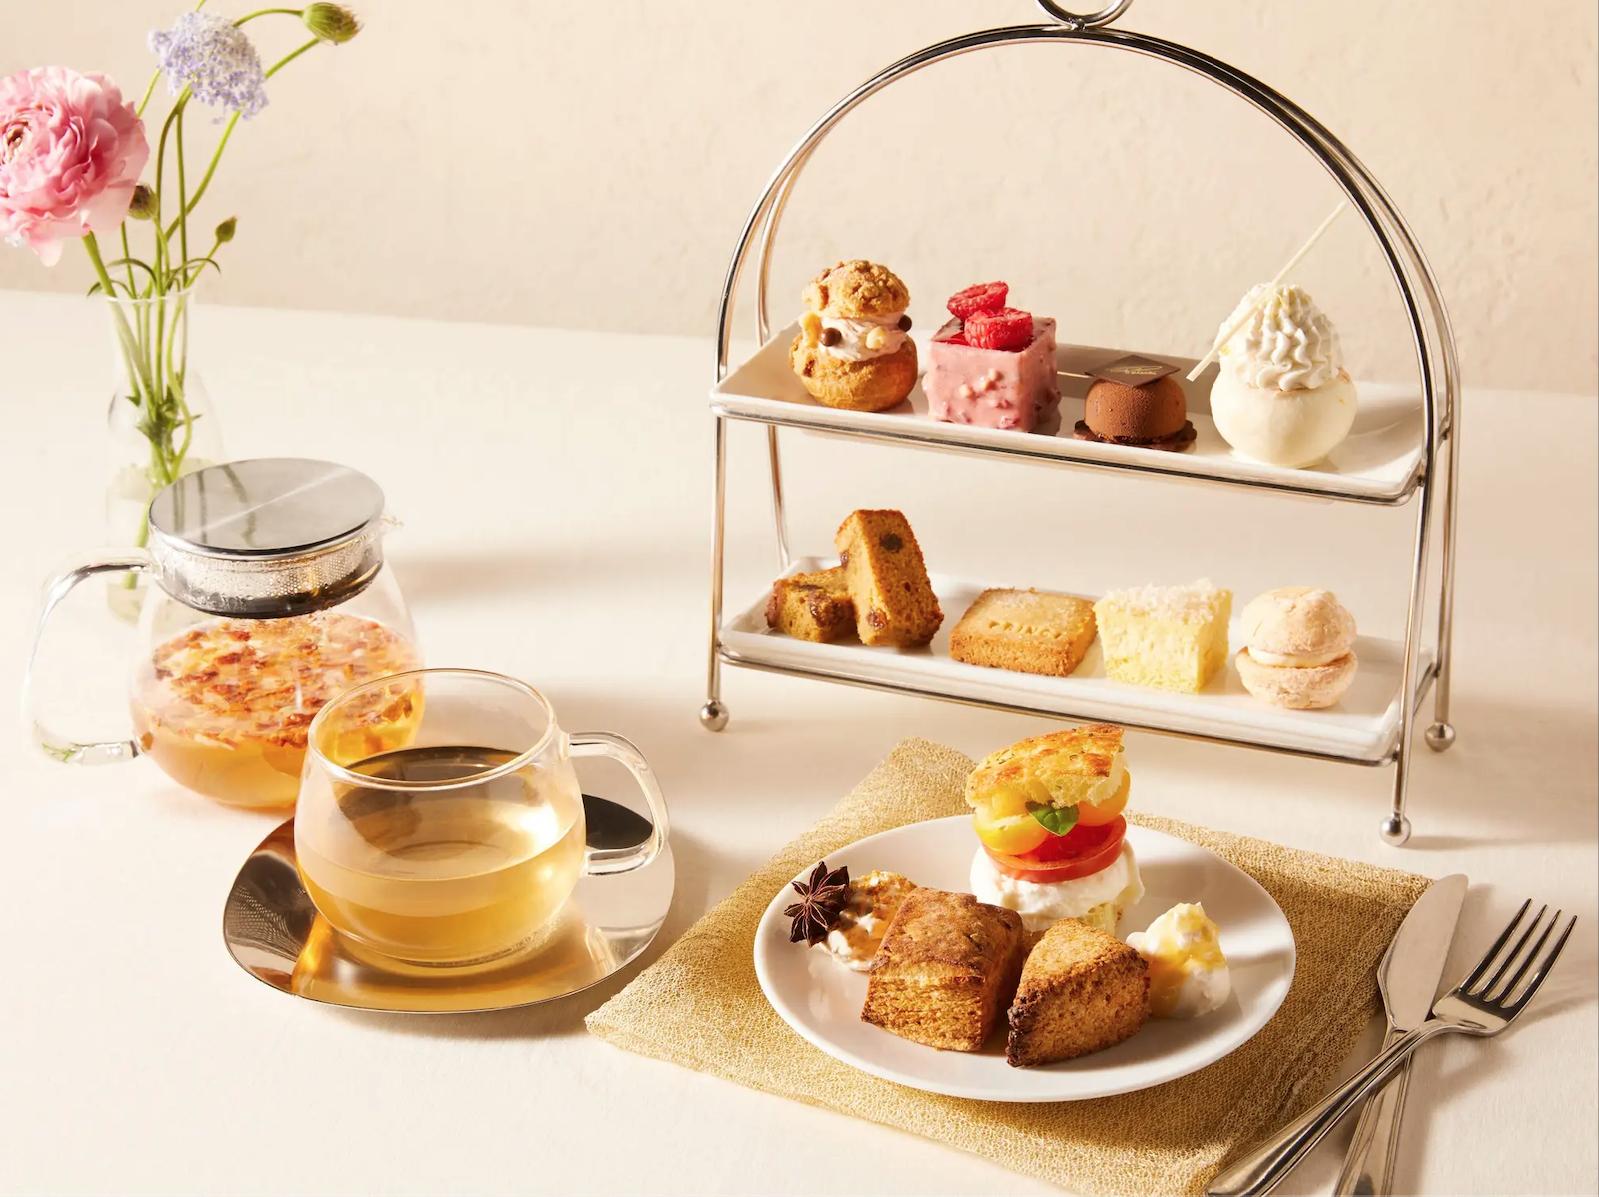 星巴克在东京推出标价4620日元的下午茶,需要抽签才能吃上